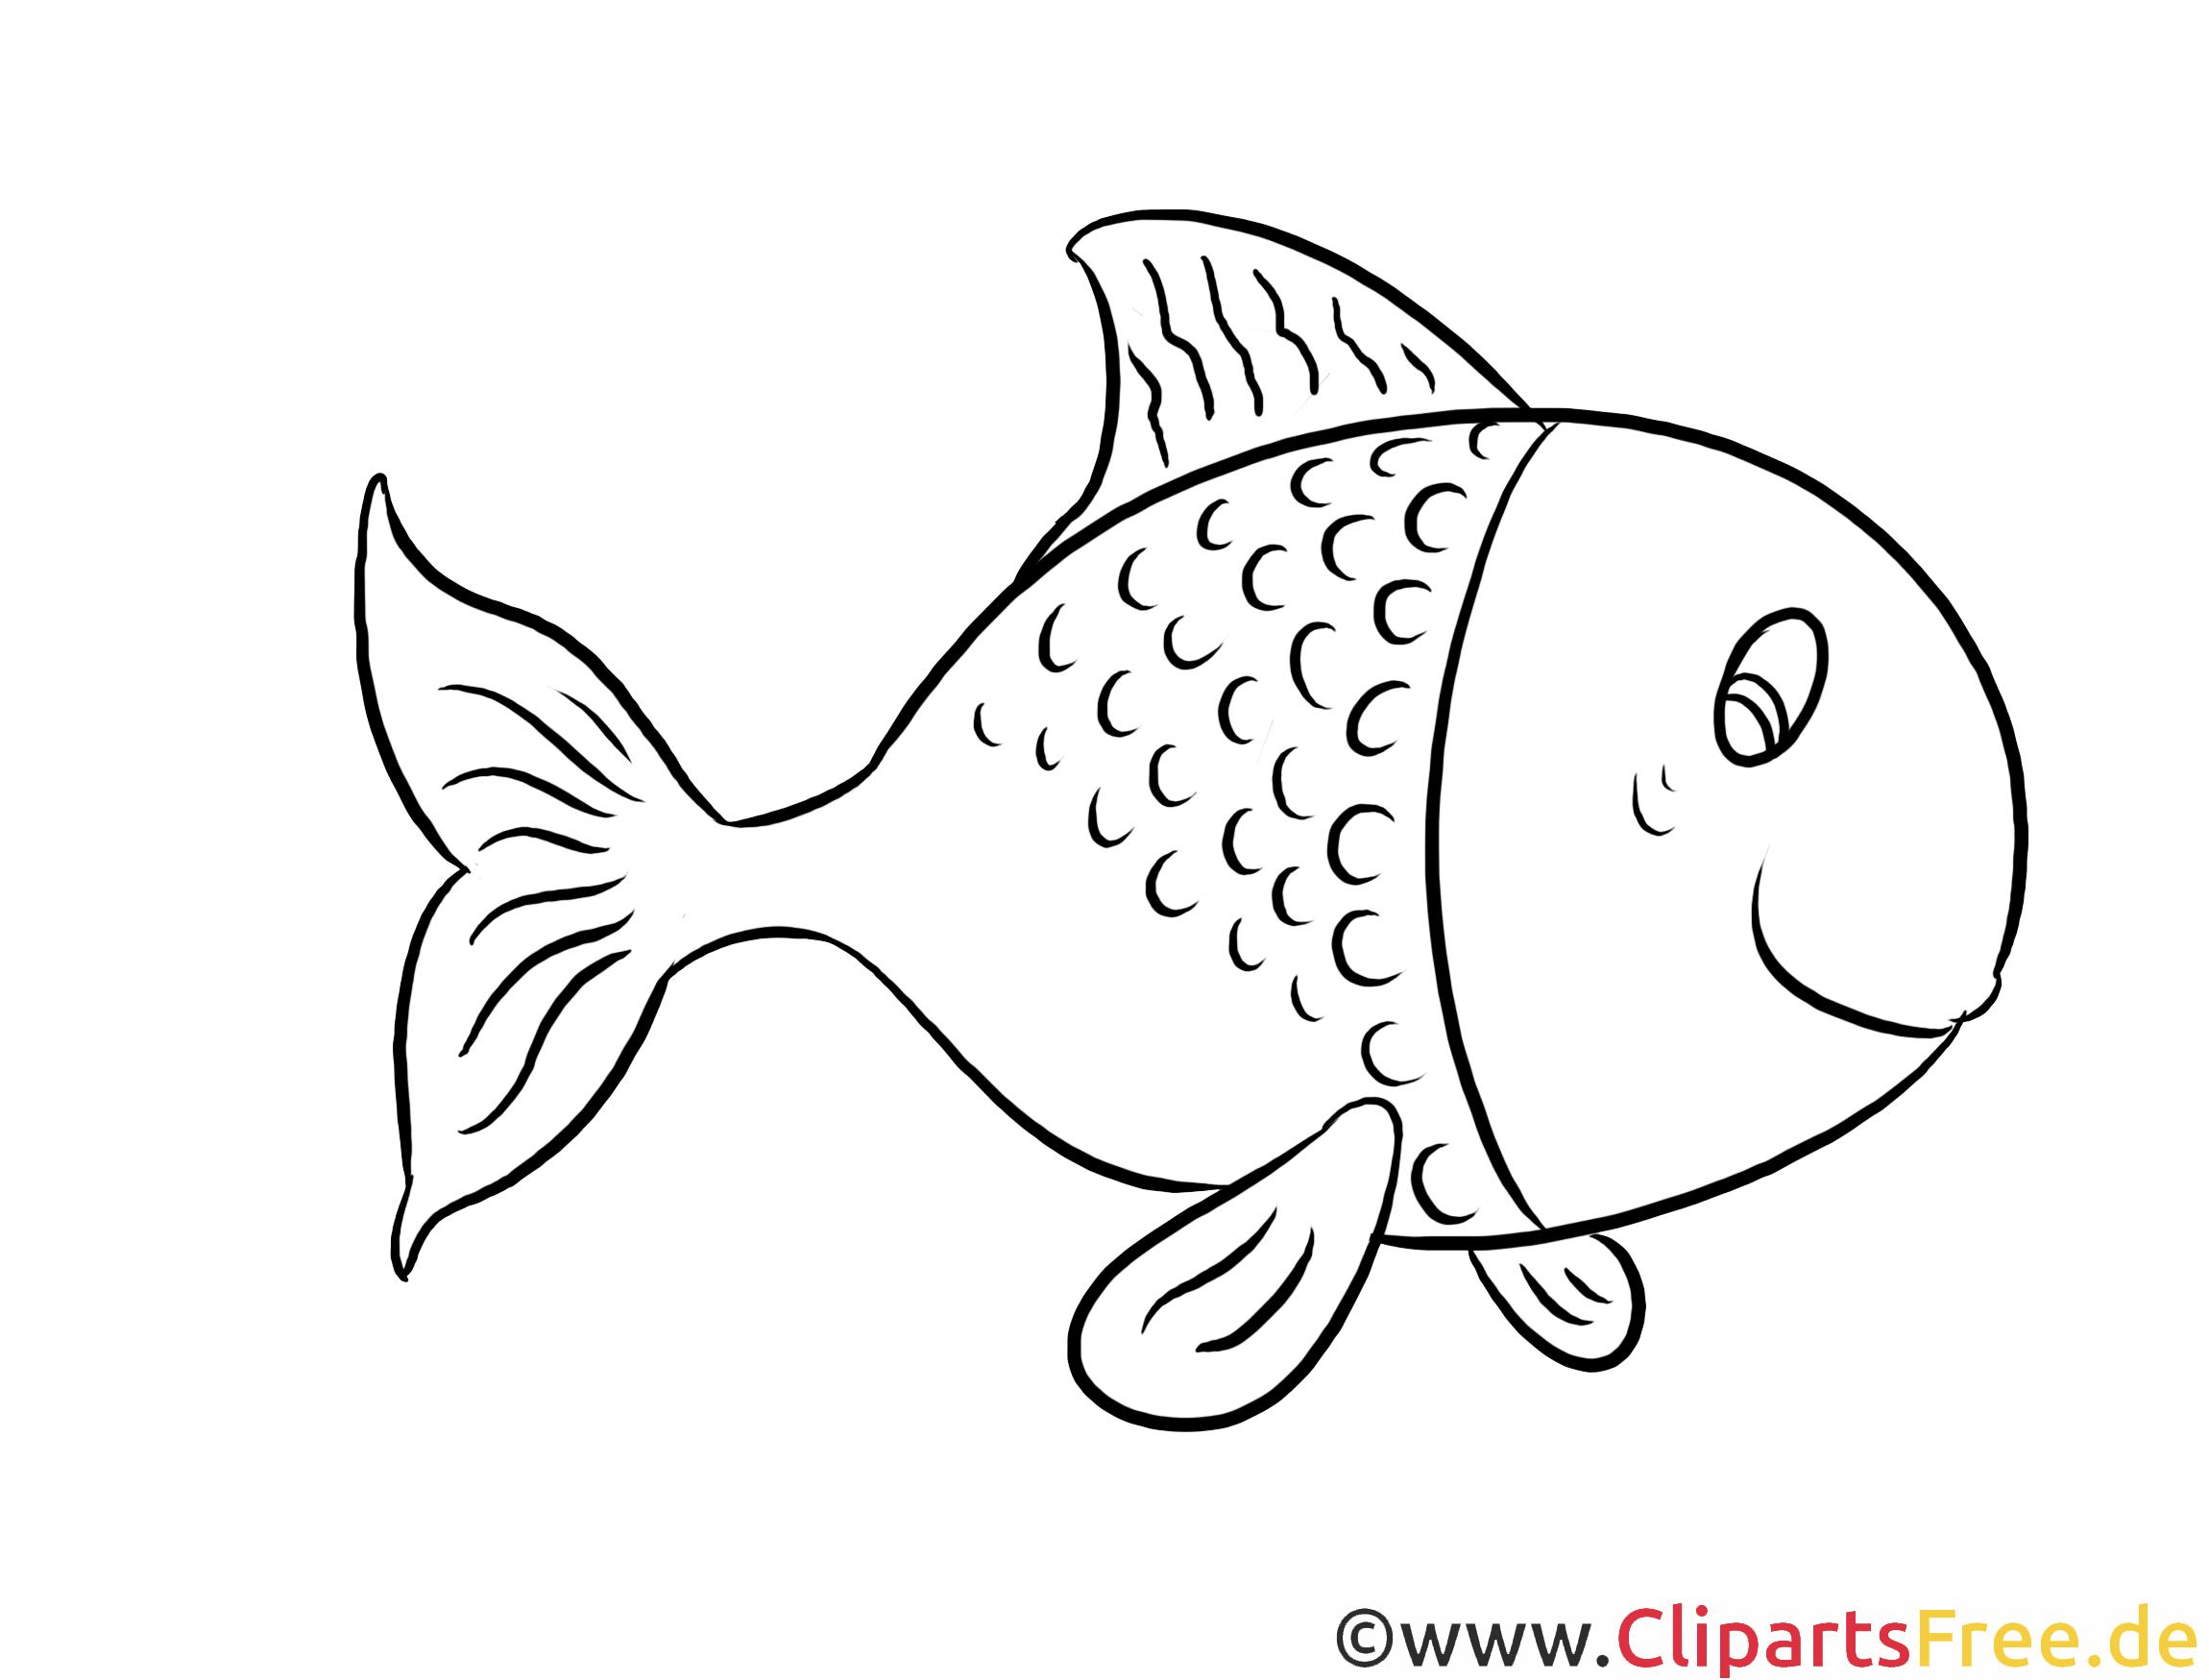 Niedlich fisch vorlagen fotos beispielzusammenfassung - Fische basteln vorlagen ...